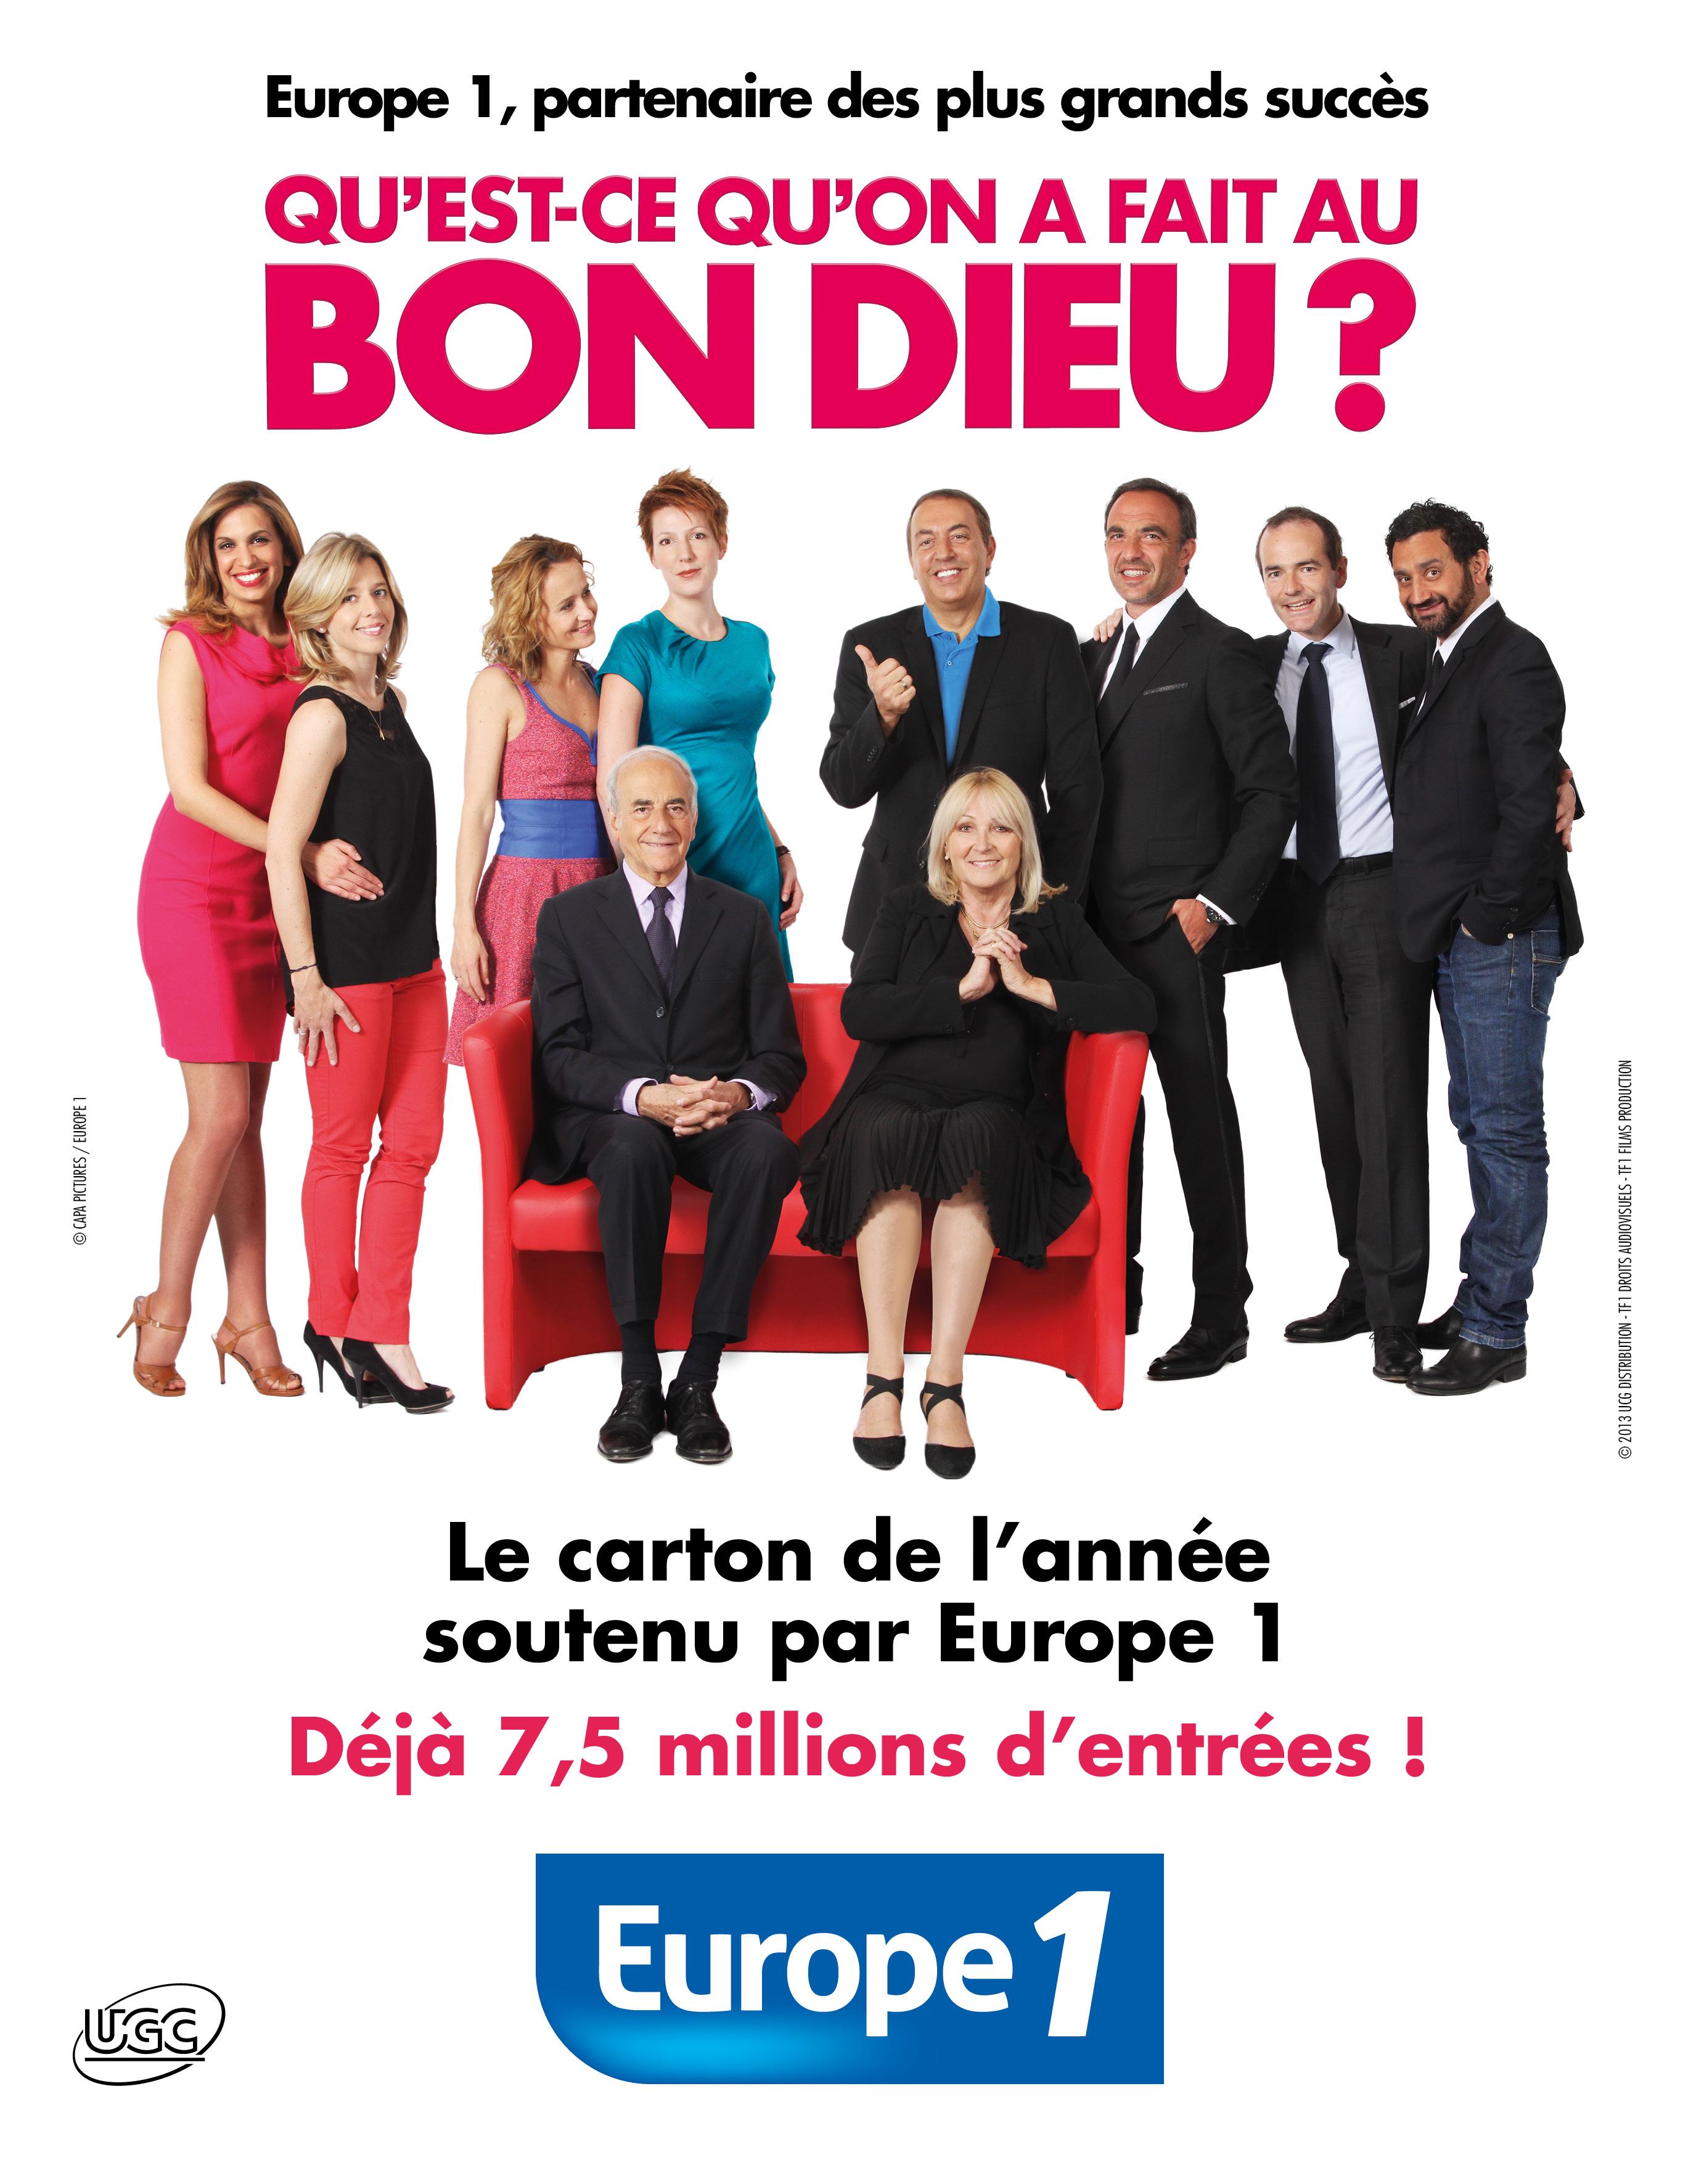 La vraie-fausse affiche d'Europe 1 © Frédéric Mouroux CAPA Pictures